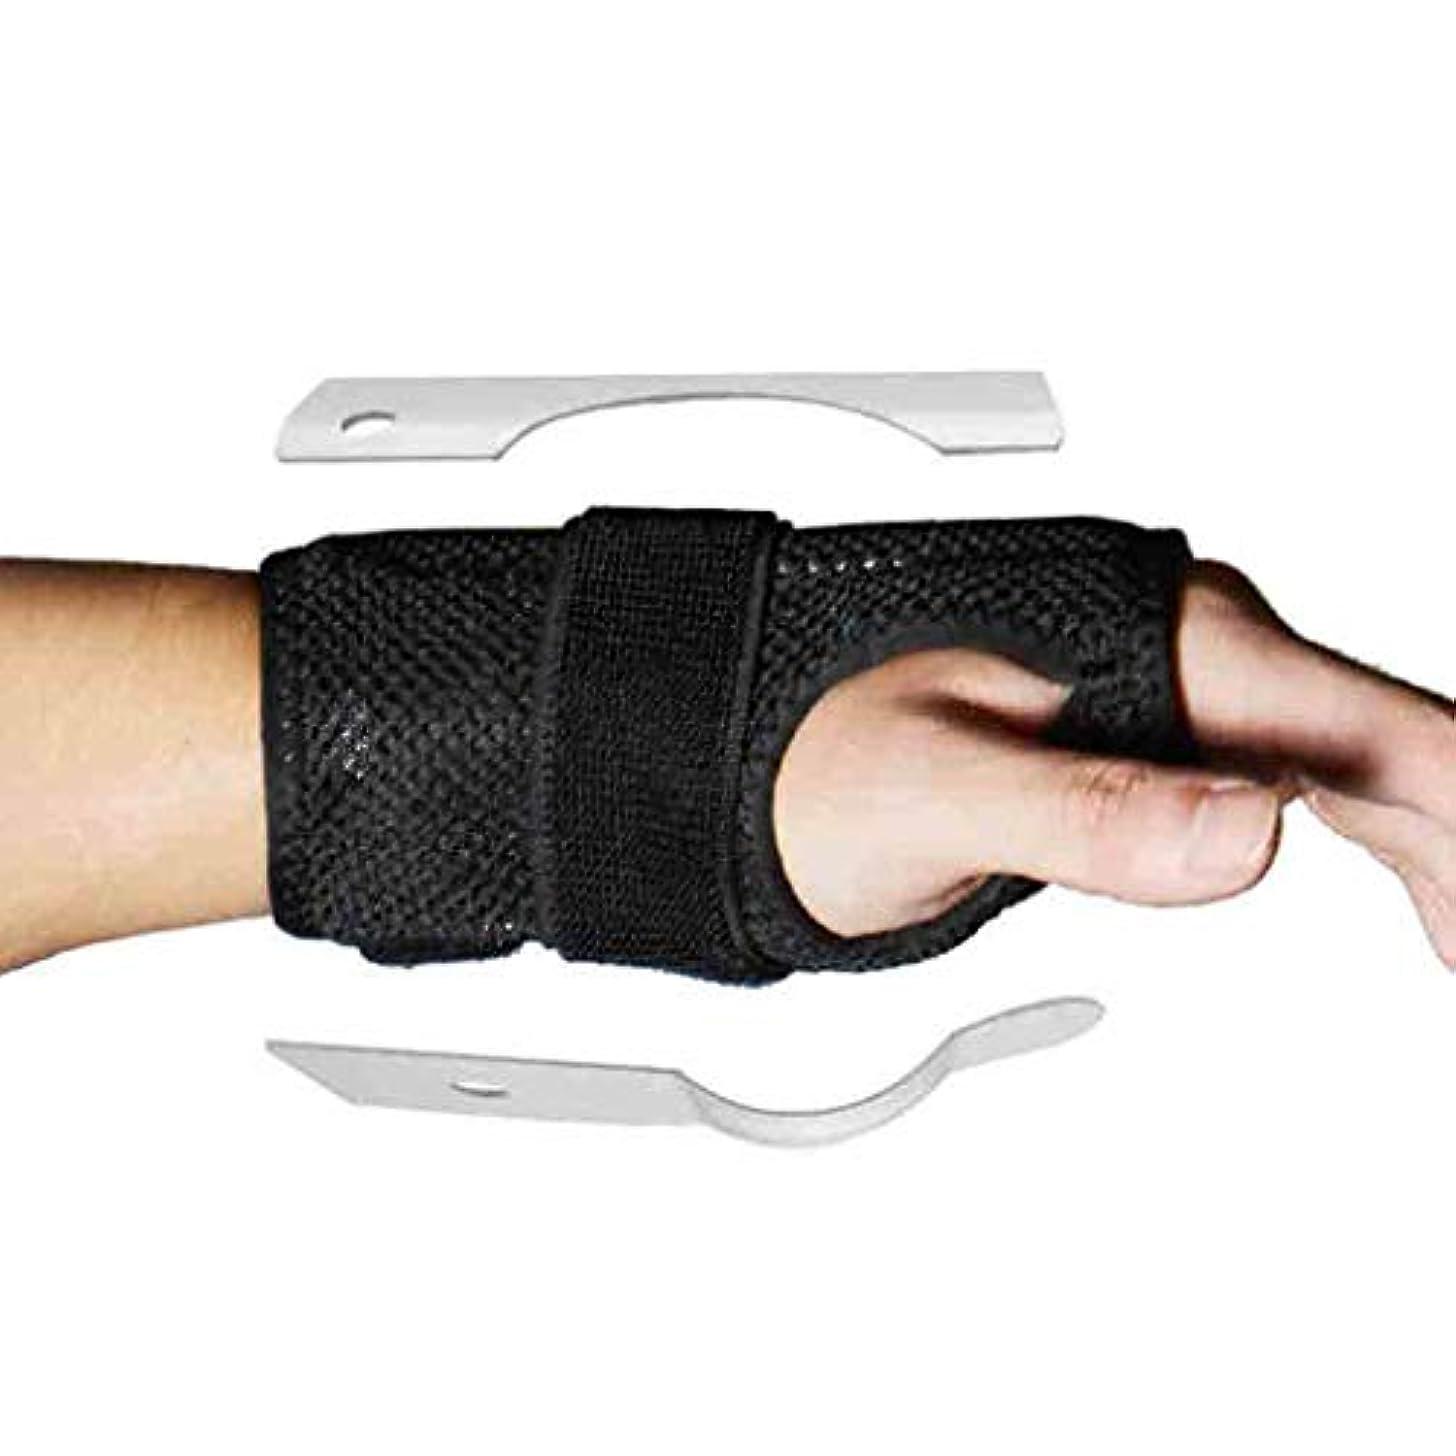 究極の衣類大型トラックトリガーのための親指のスプリント親指の通気性のファブリック手首の親指腱鞘炎脳手根管症候群のためのリストバンドスプリントママの親指ブレース関節炎 Roscloud@